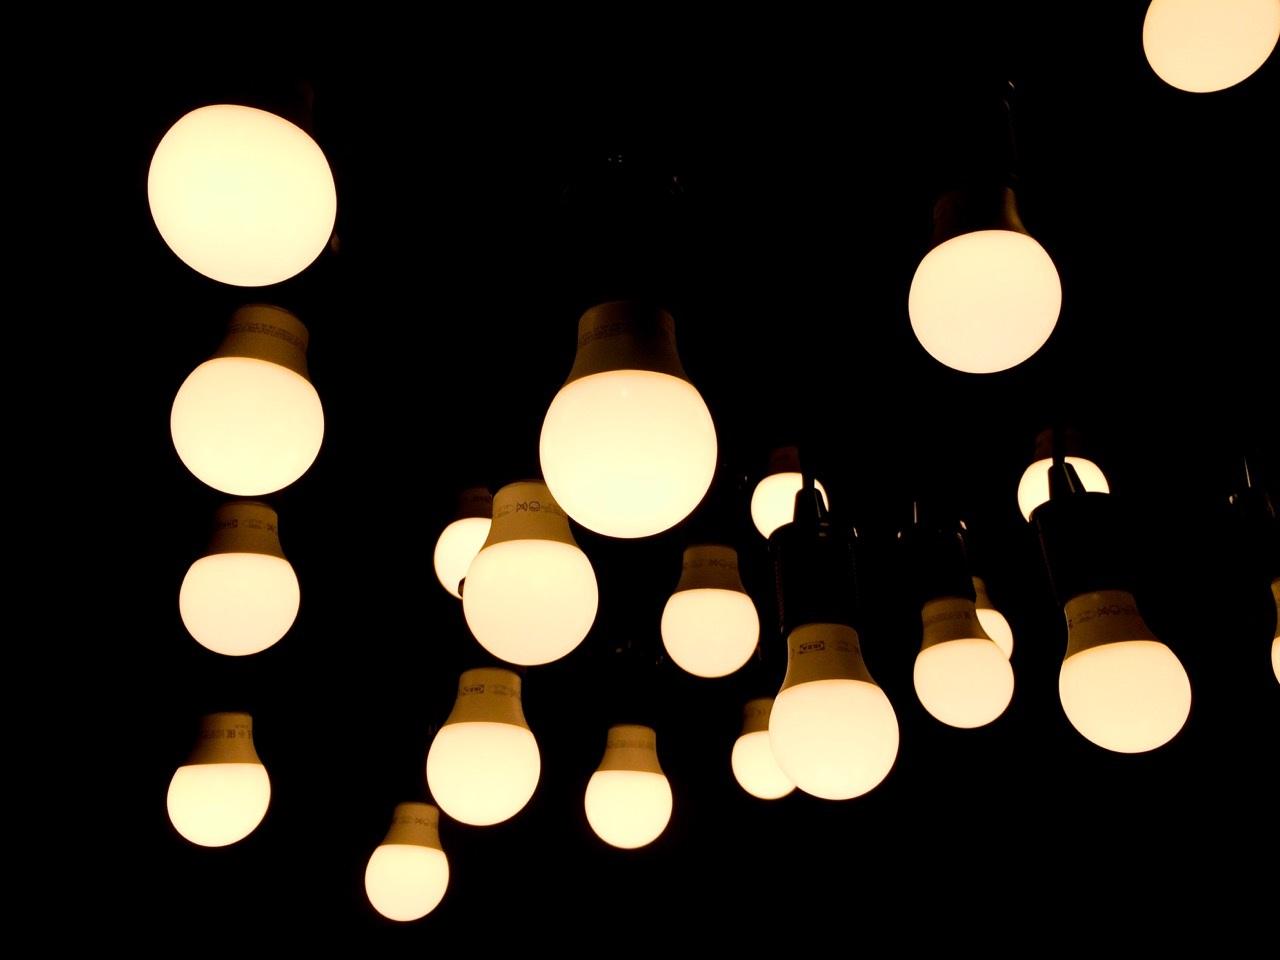 Kostenlose foto : kreativ, Licht, glühend, Technologie, Glas ...